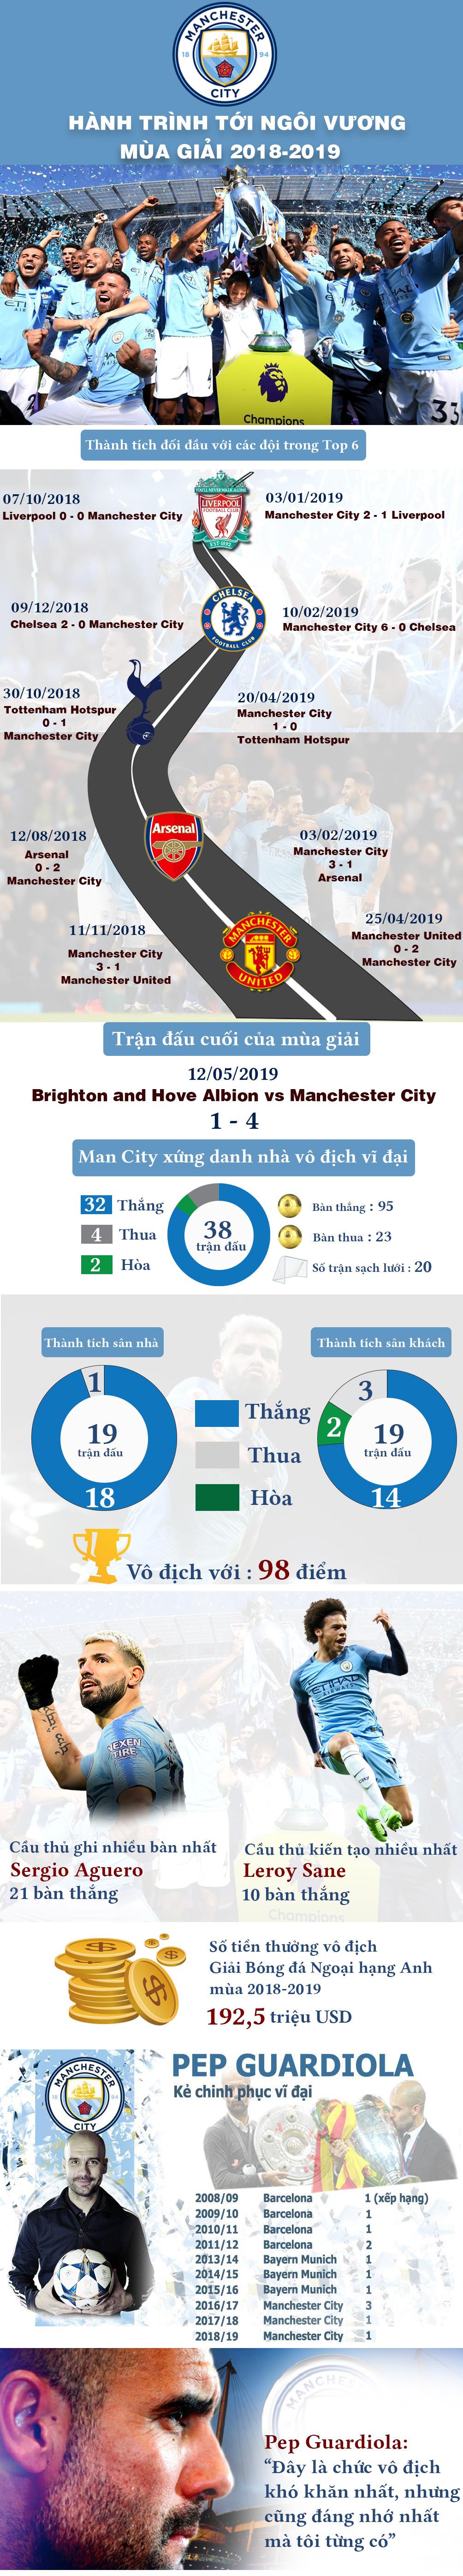 Man City xưng vương Ngoại hạng Anh: Hành trình kỳ diệu, xứng danh vĩ đại - 1